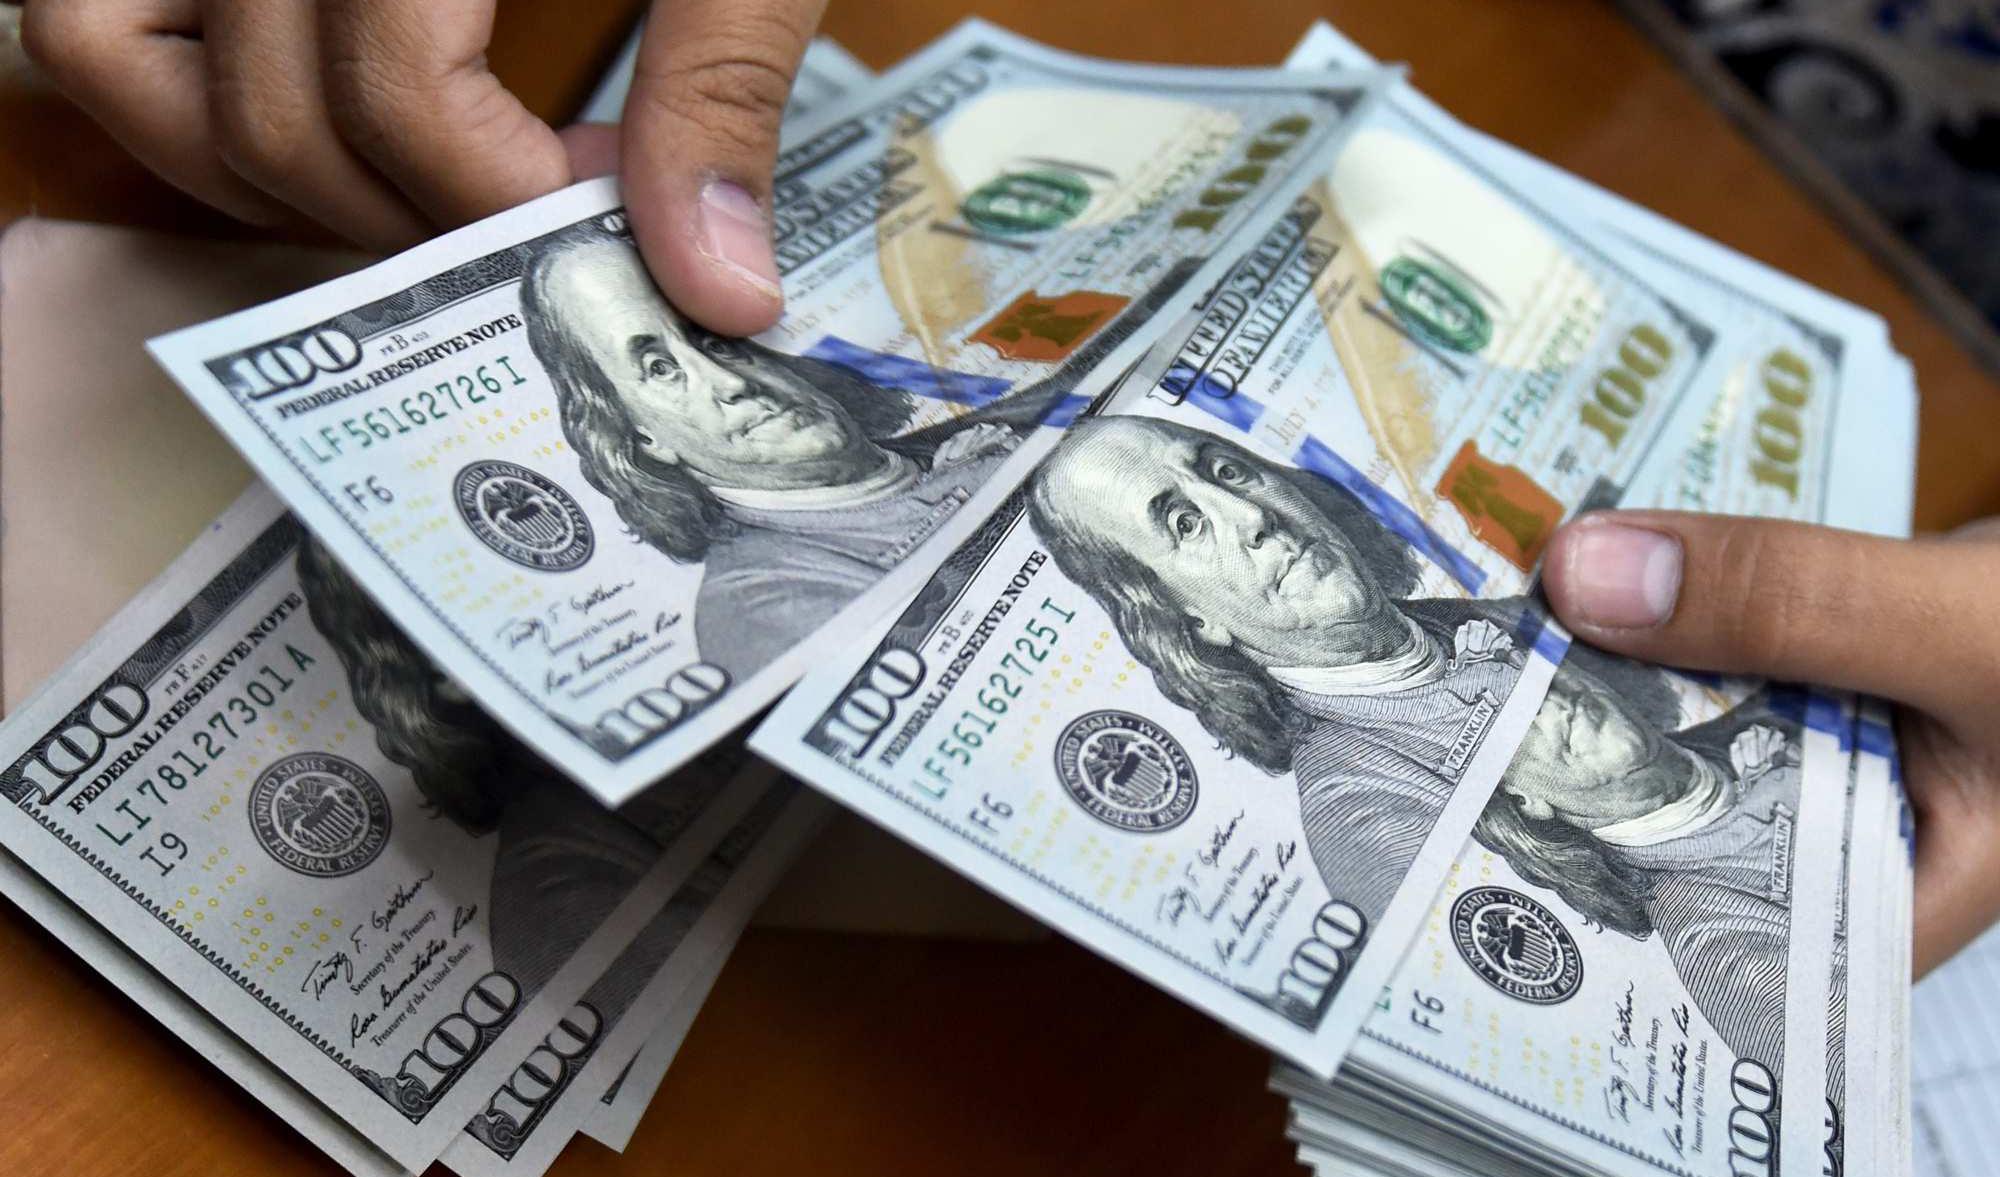 عقبنشینی دلار با دو سیگنال